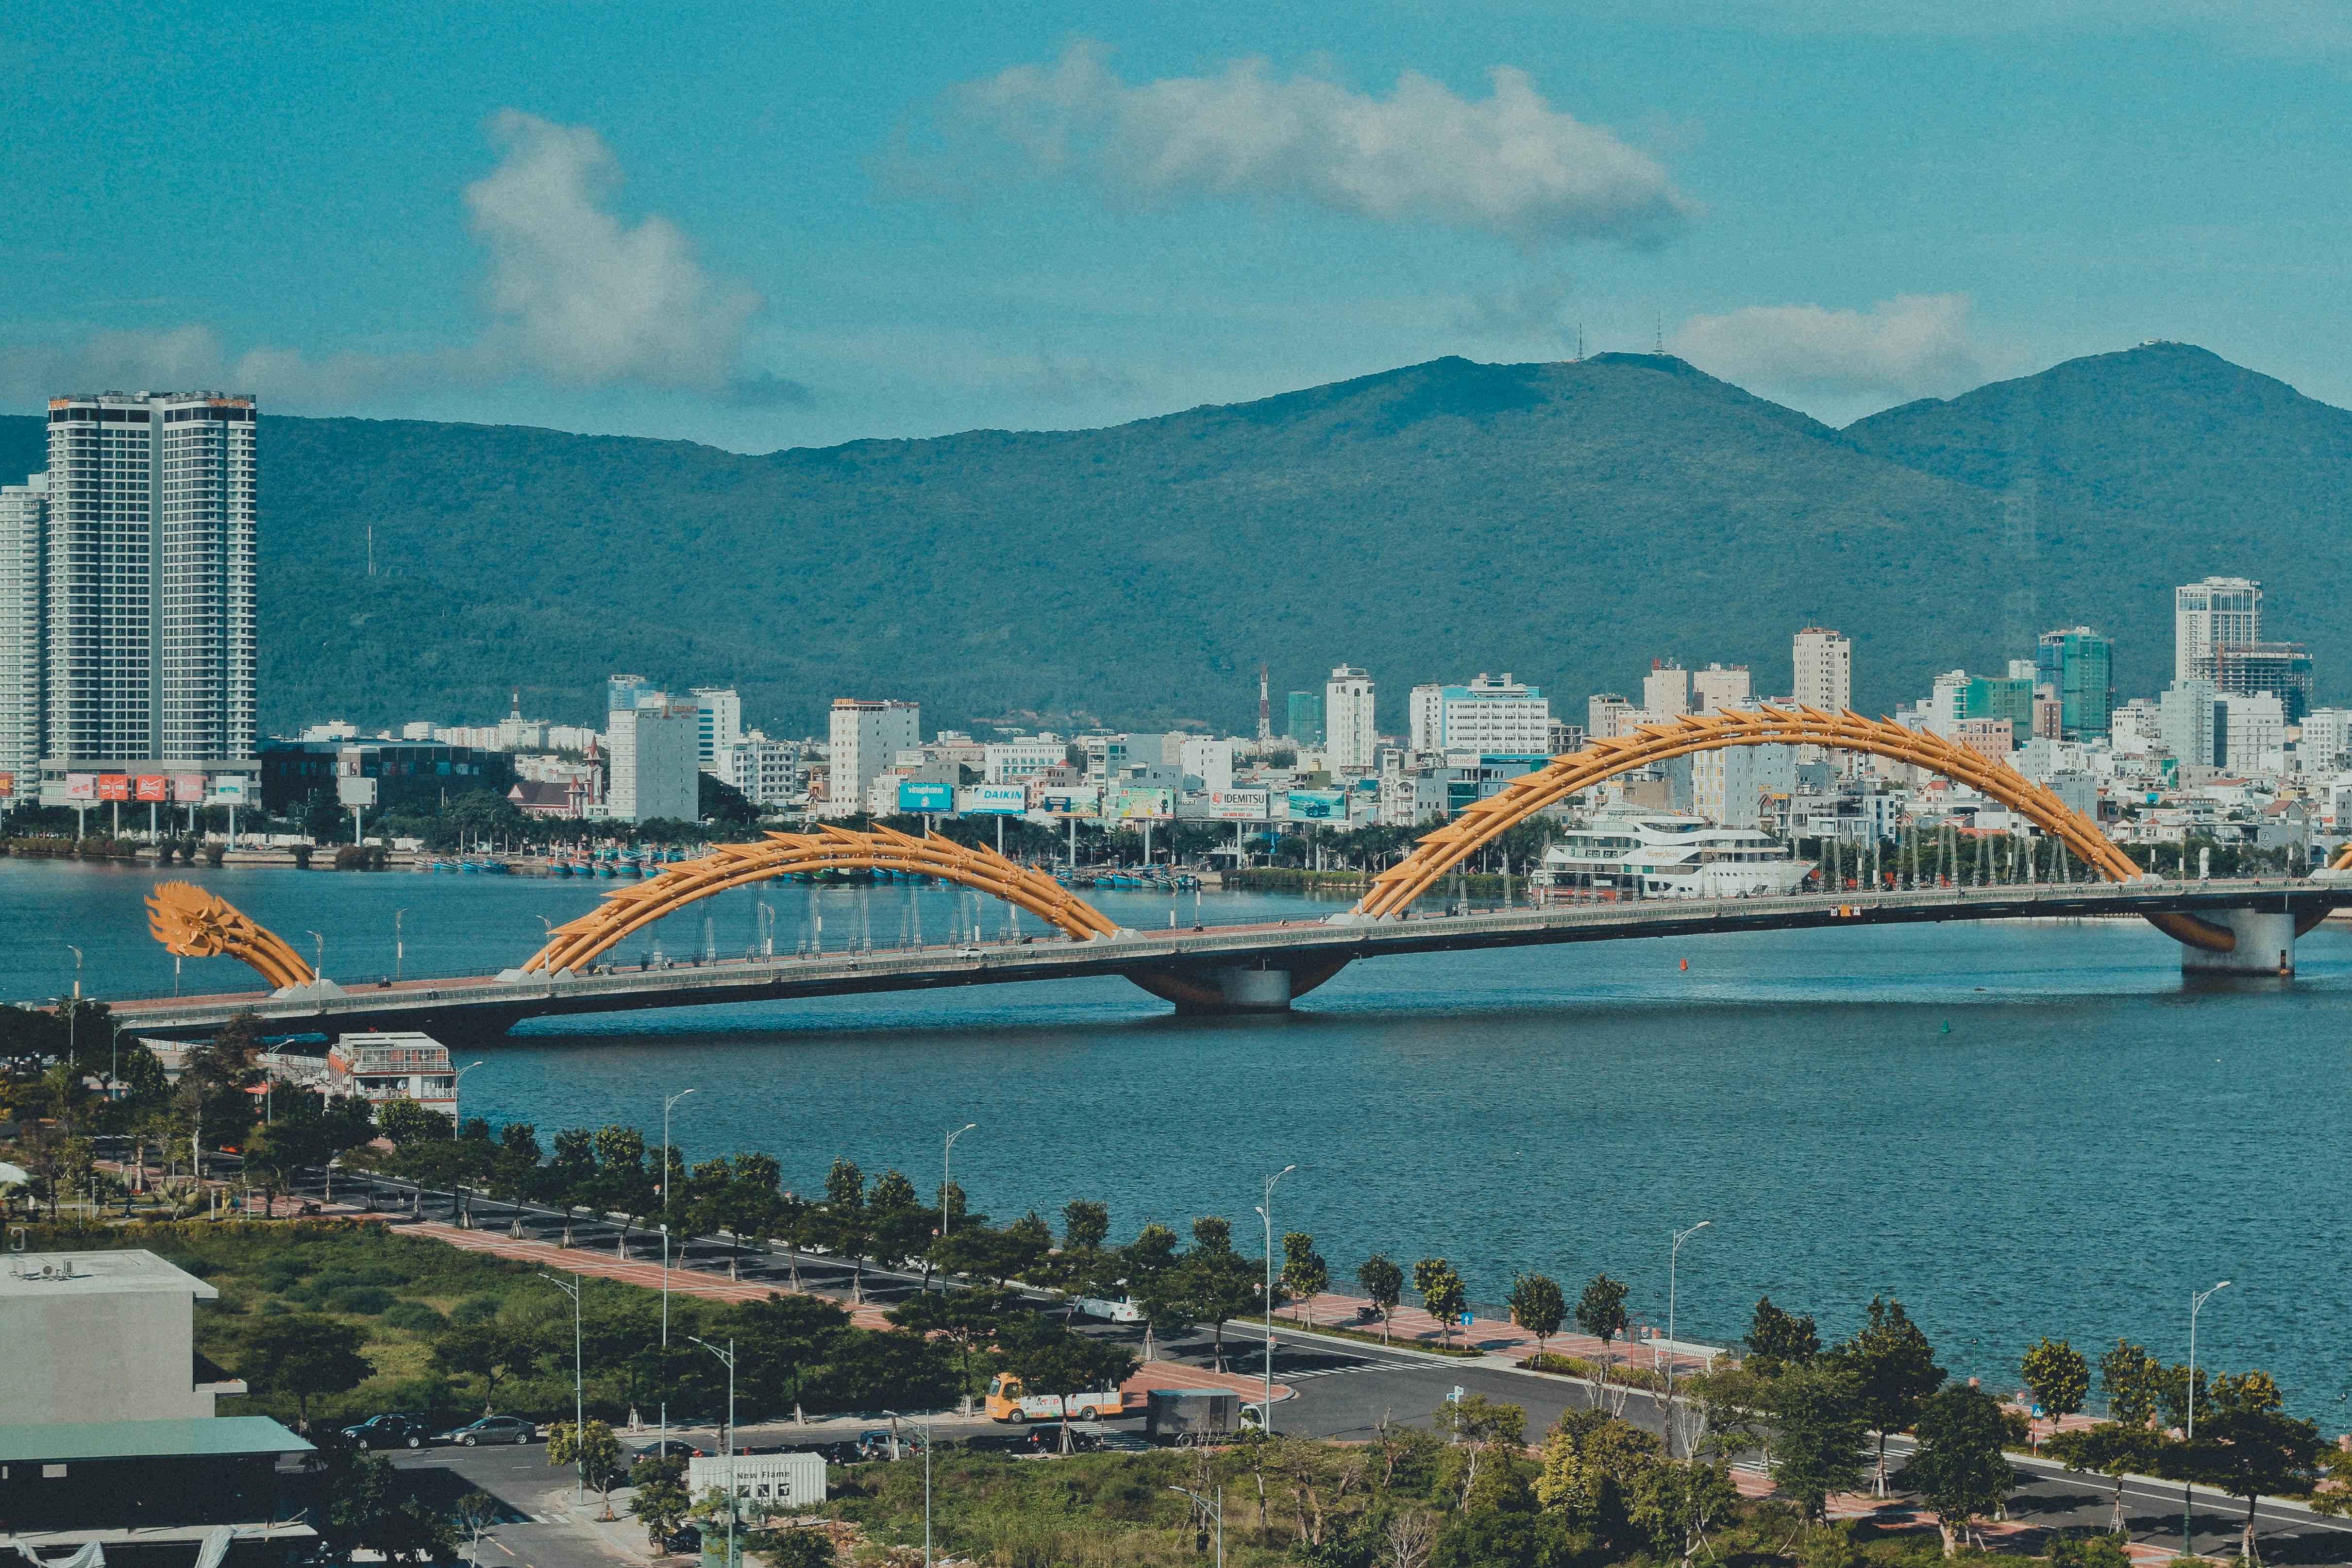 Image by Huong Ho